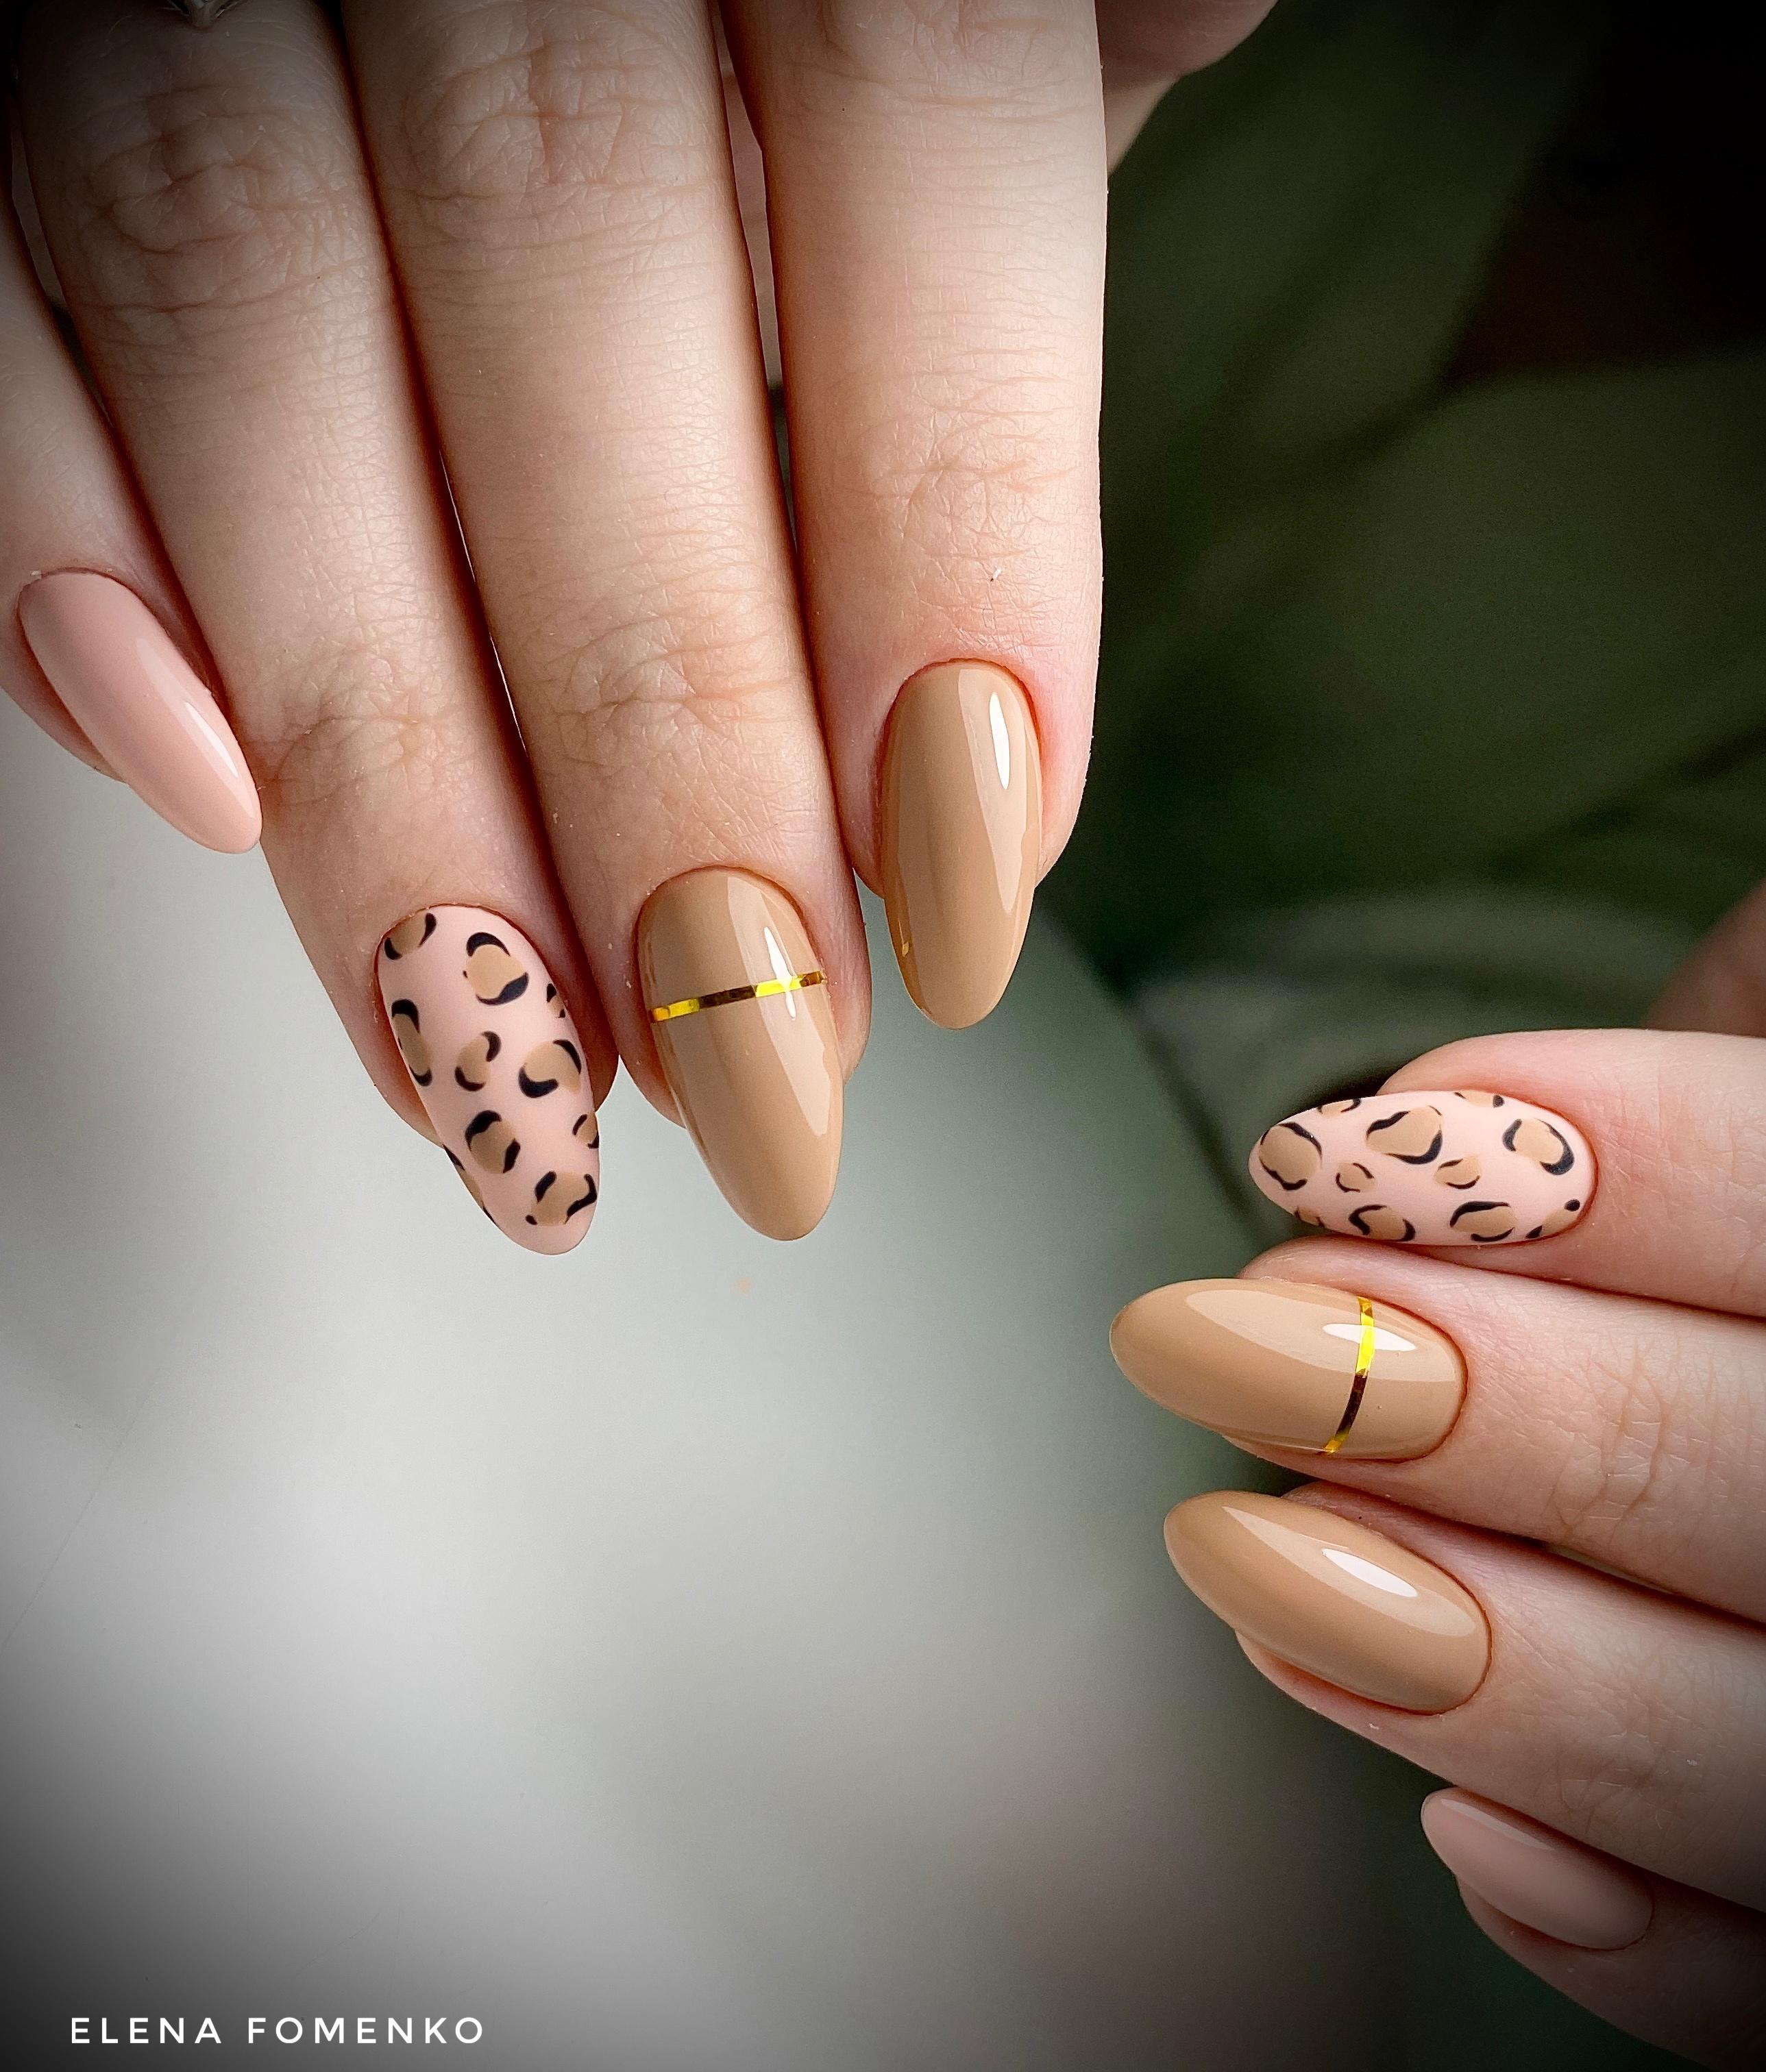 Маникюр с леопардовым принтом и золотыми полосками в бежевом цвете.